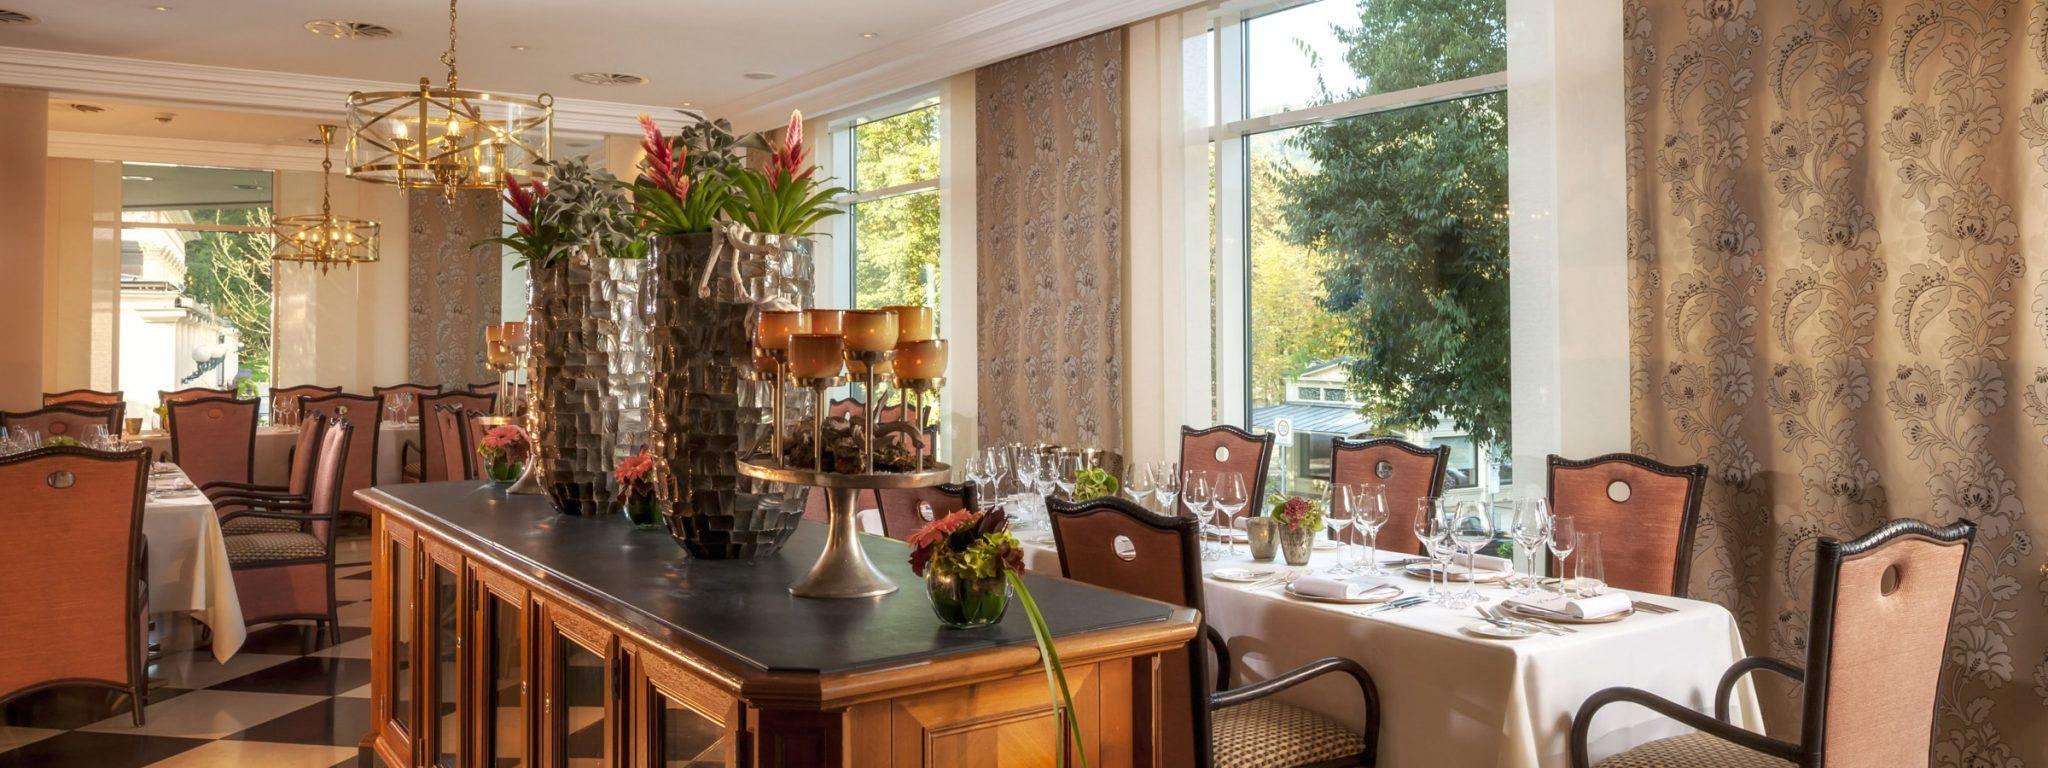 restaurants dorint maison messmer baden baden. Black Bedroom Furniture Sets. Home Design Ideas